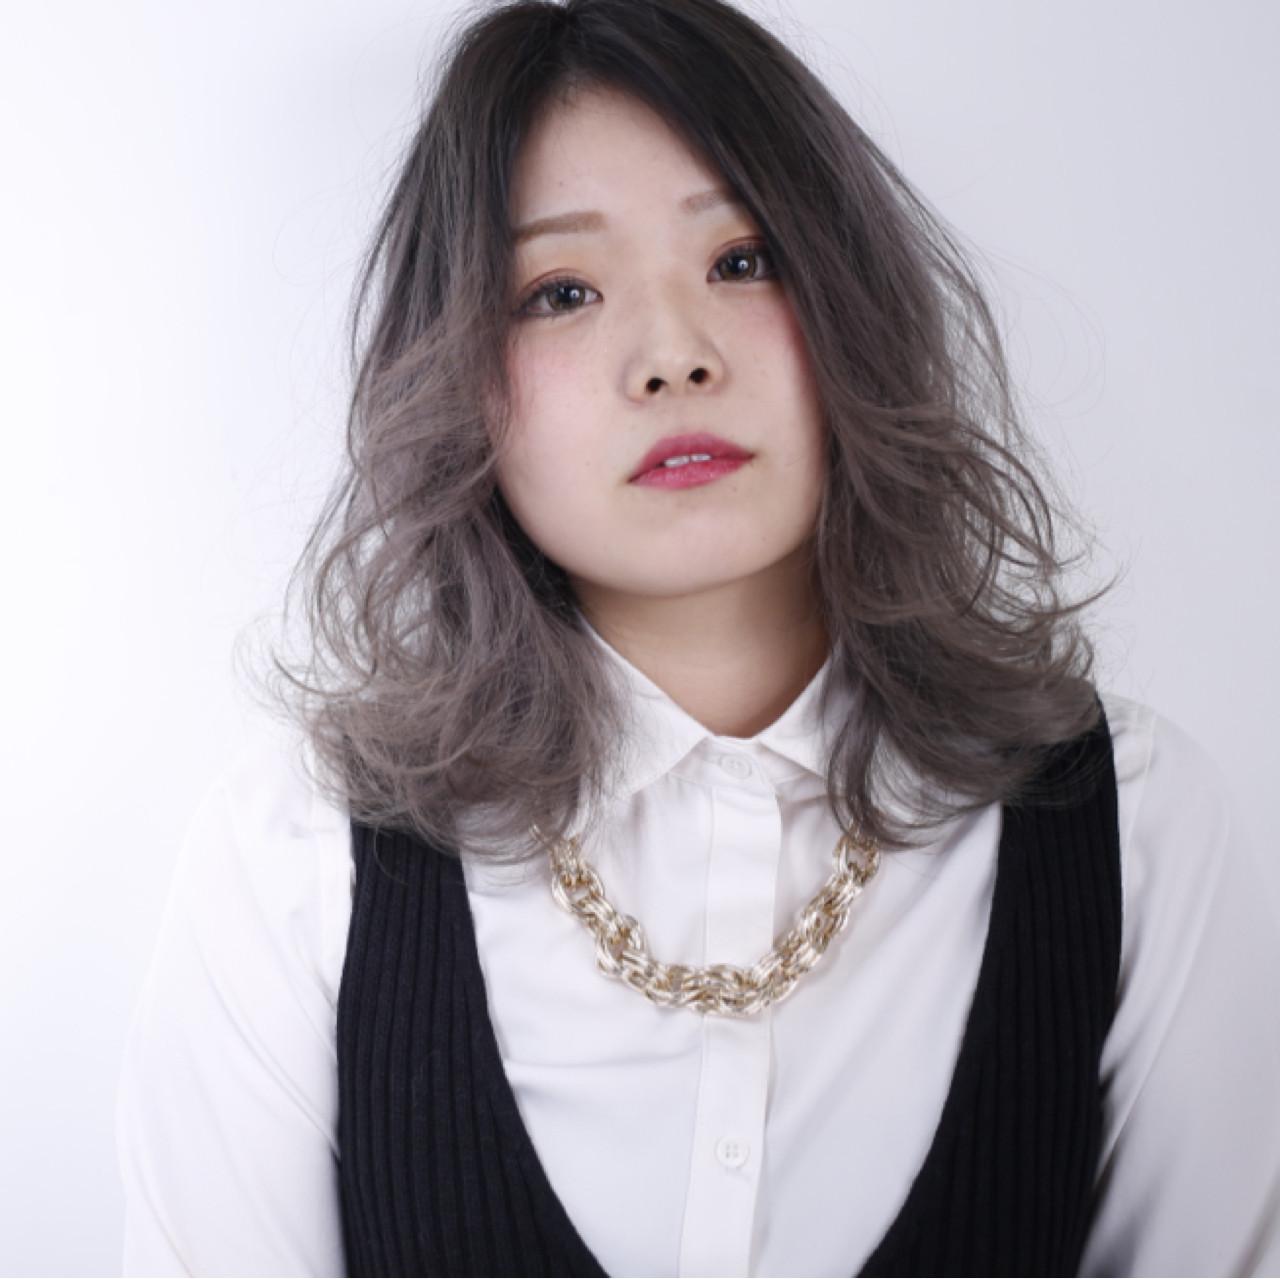 アッシュ 外国人風 ベージュ ストリート ヘアスタイルや髪型の写真・画像